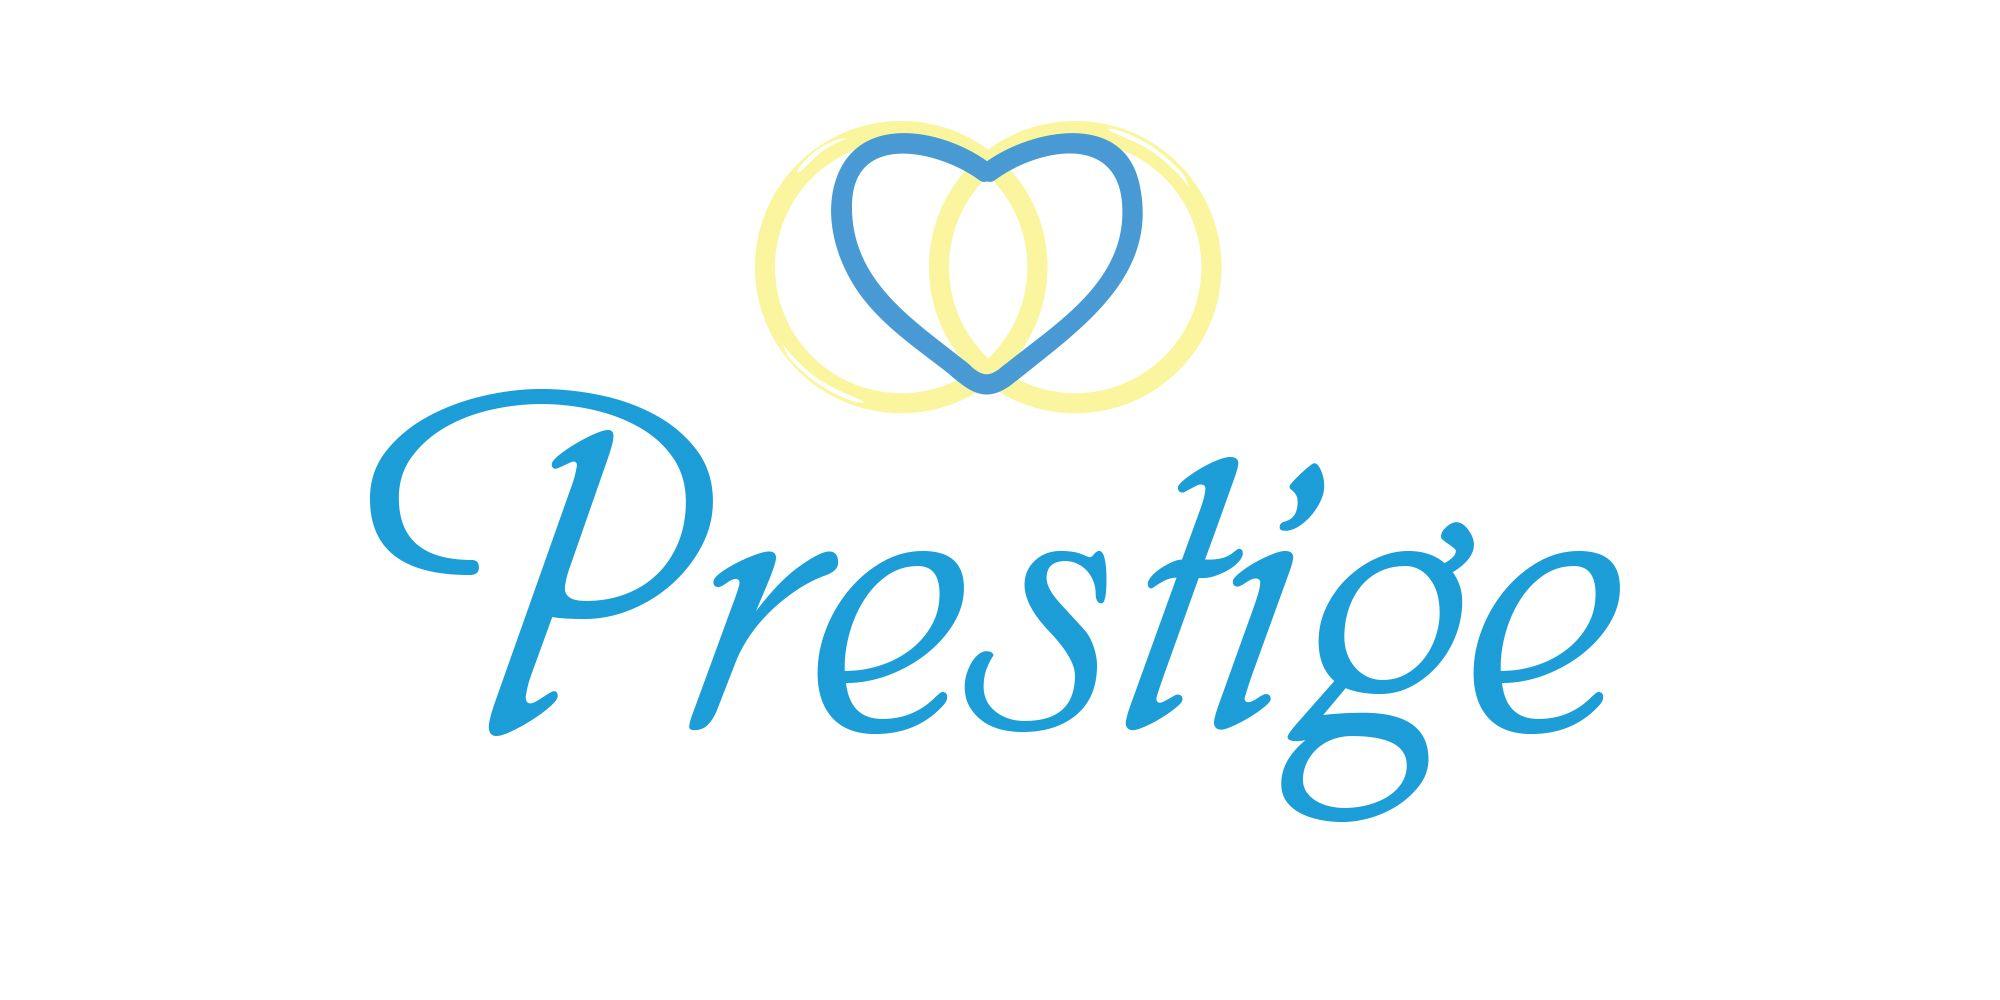 Логотип для свадебного агентства Prestige - дизайнер Vladlena_A